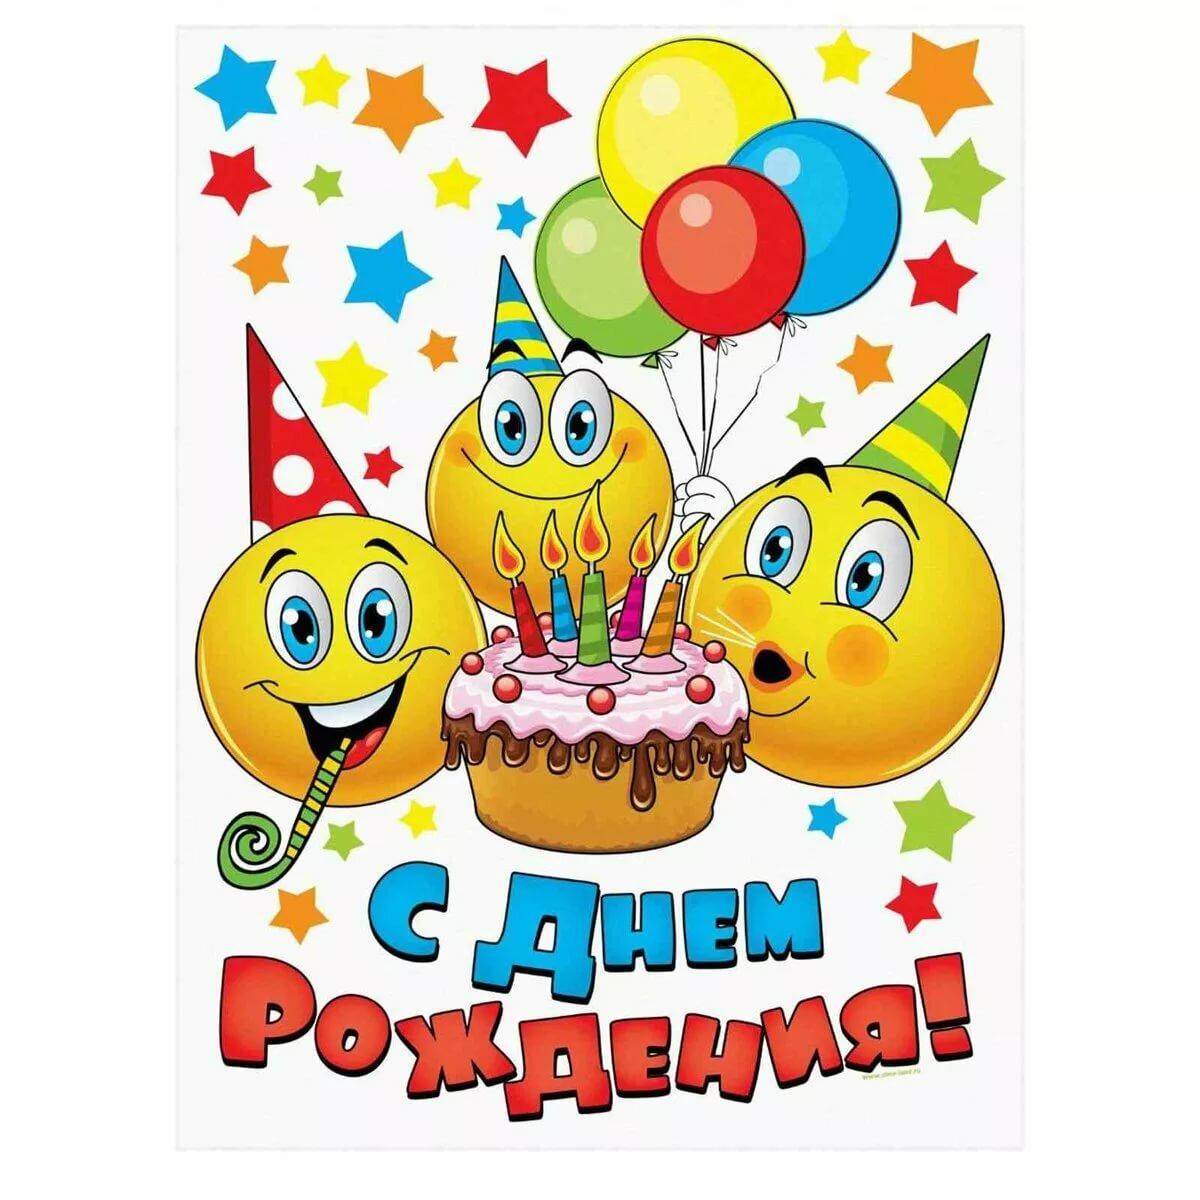 тимошка с днем рождения картинки неприхотлива